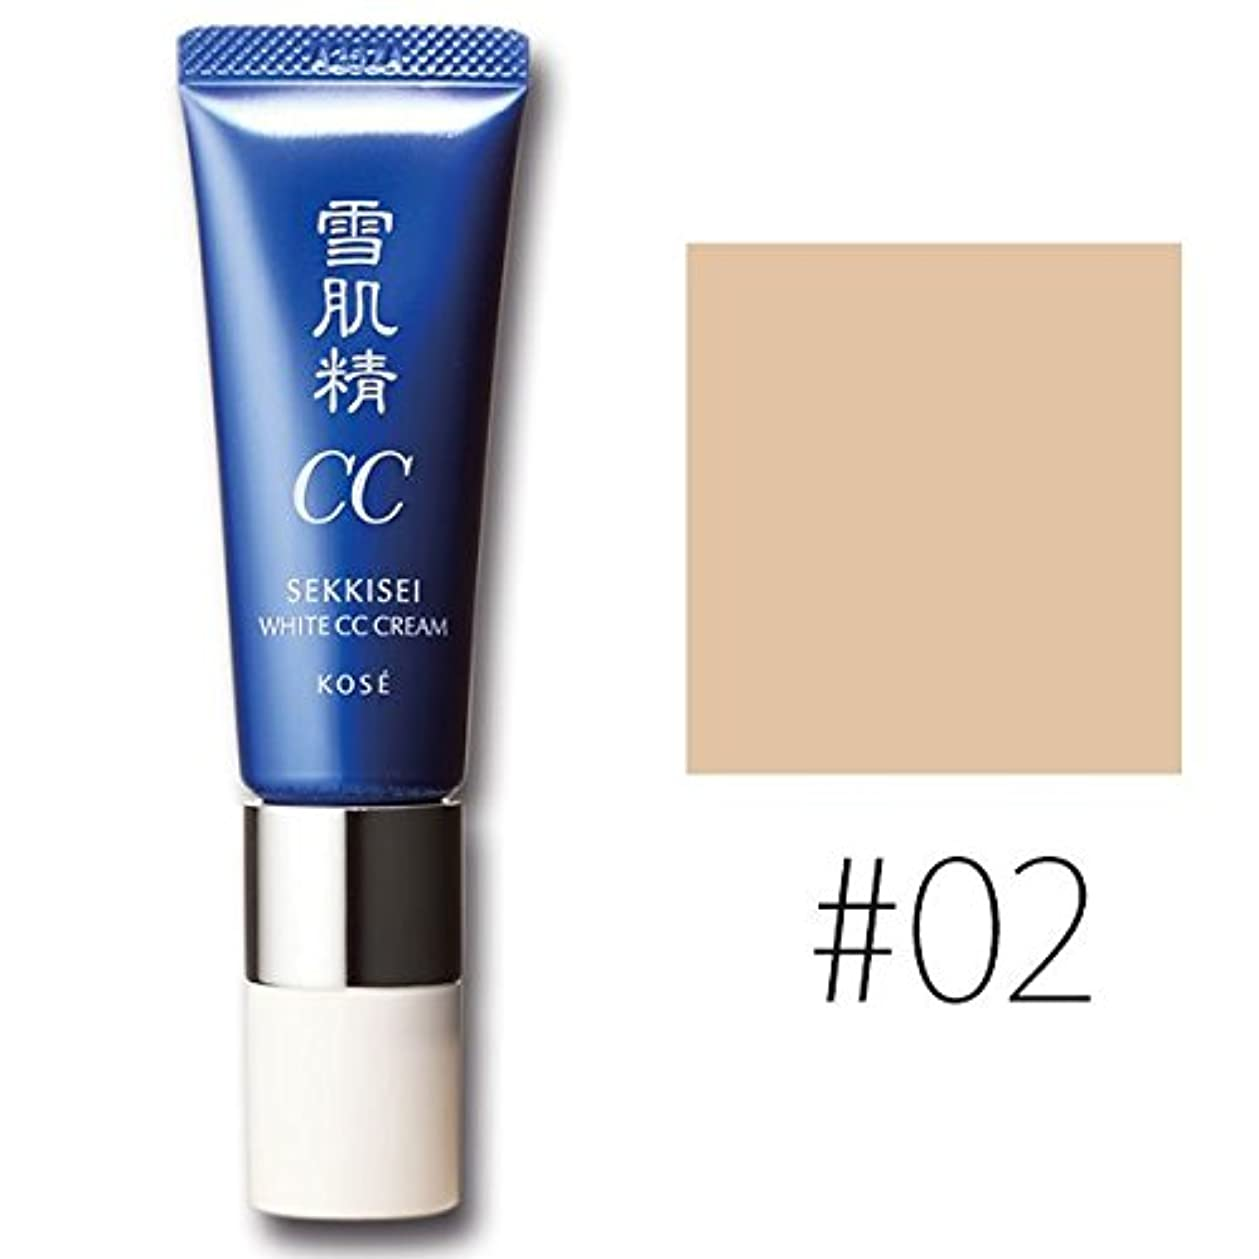 膨張する代わりのシートコーセー 雪肌精 ホワイト CCクリーム【#02】 #OCHRE SPF50+/PA++++ 30g